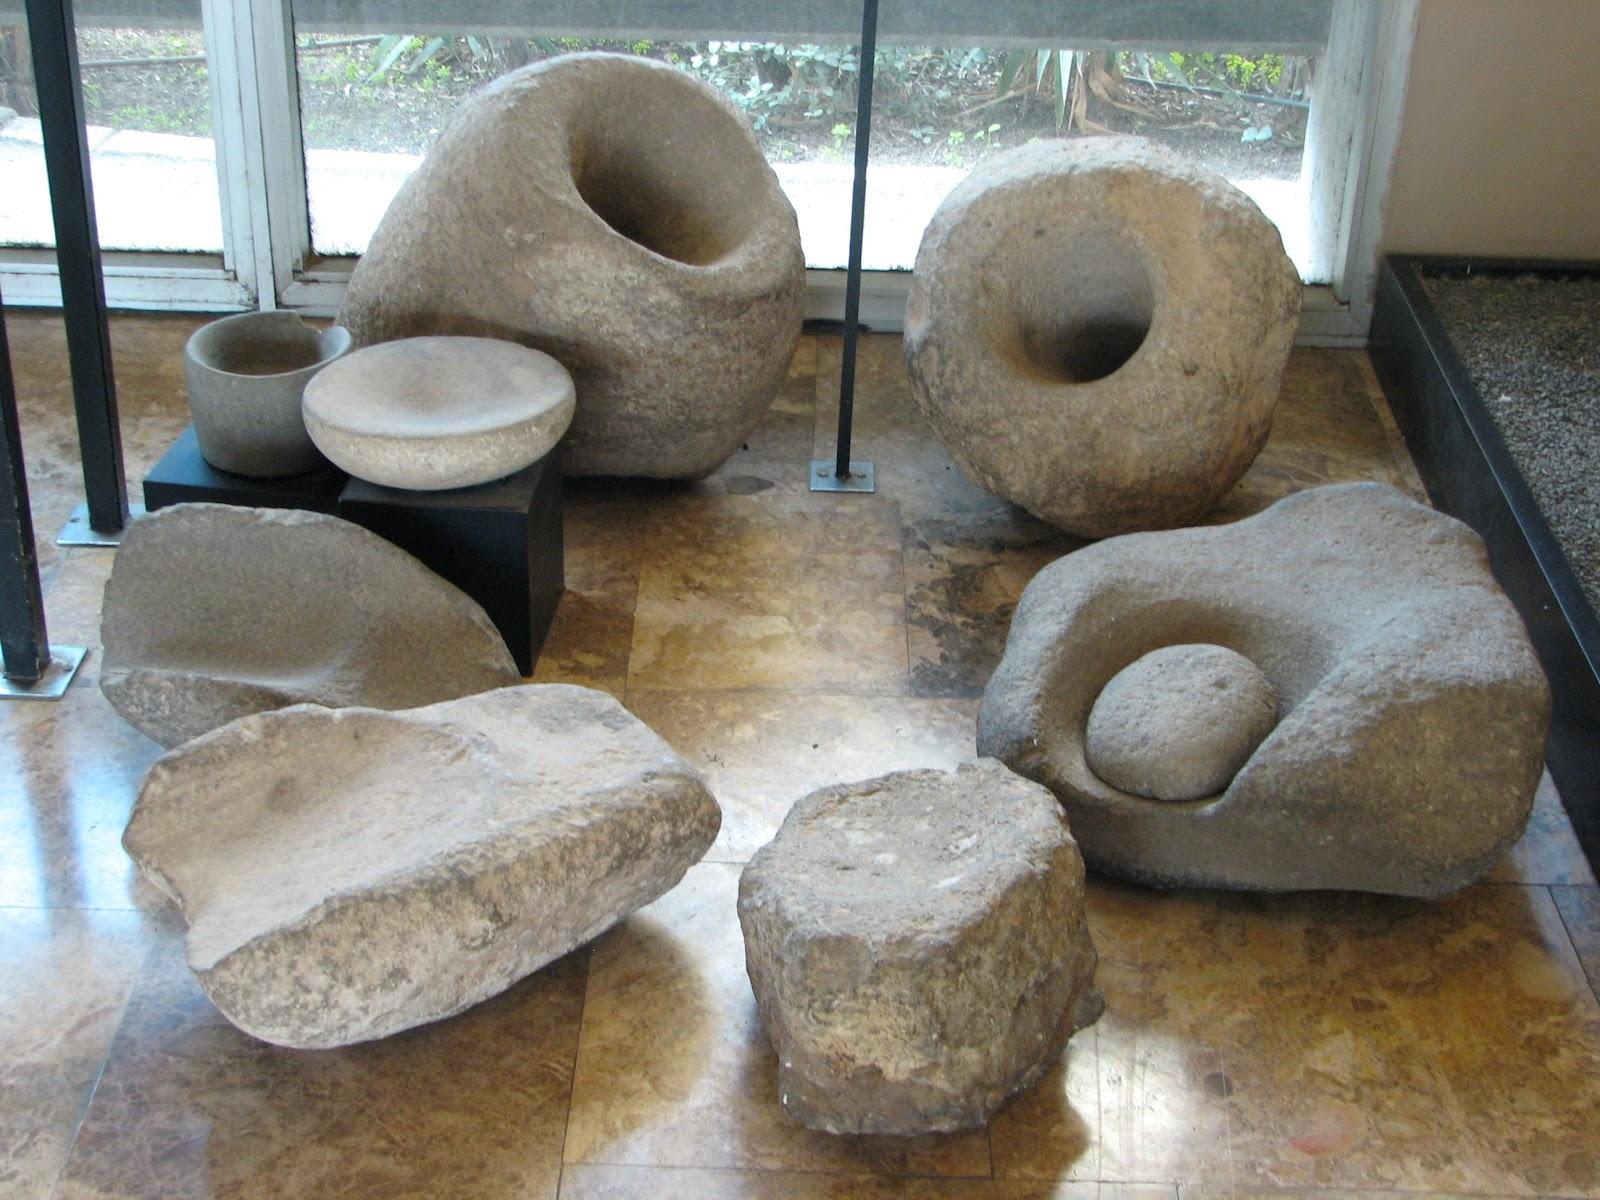 Diferentes instrumentos natufienses recuperados por los arque logos.